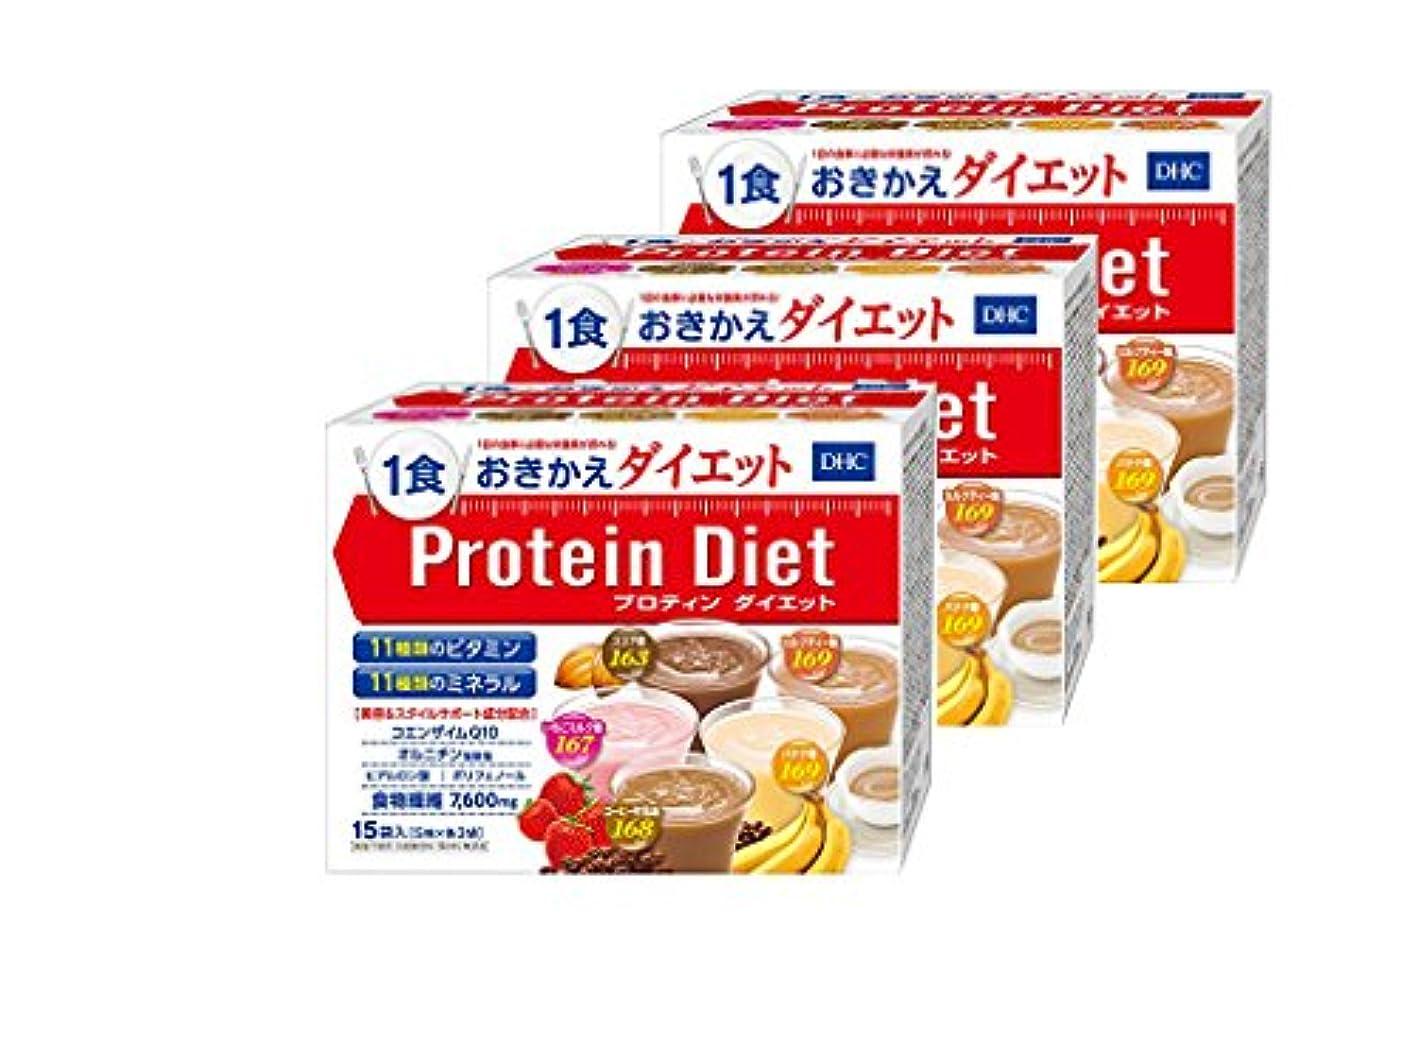 保護する決済音節DHC プロティンダイエット 1箱15袋入 3箱セット 1食169kcal以下&栄養バッチリ! リニューアル